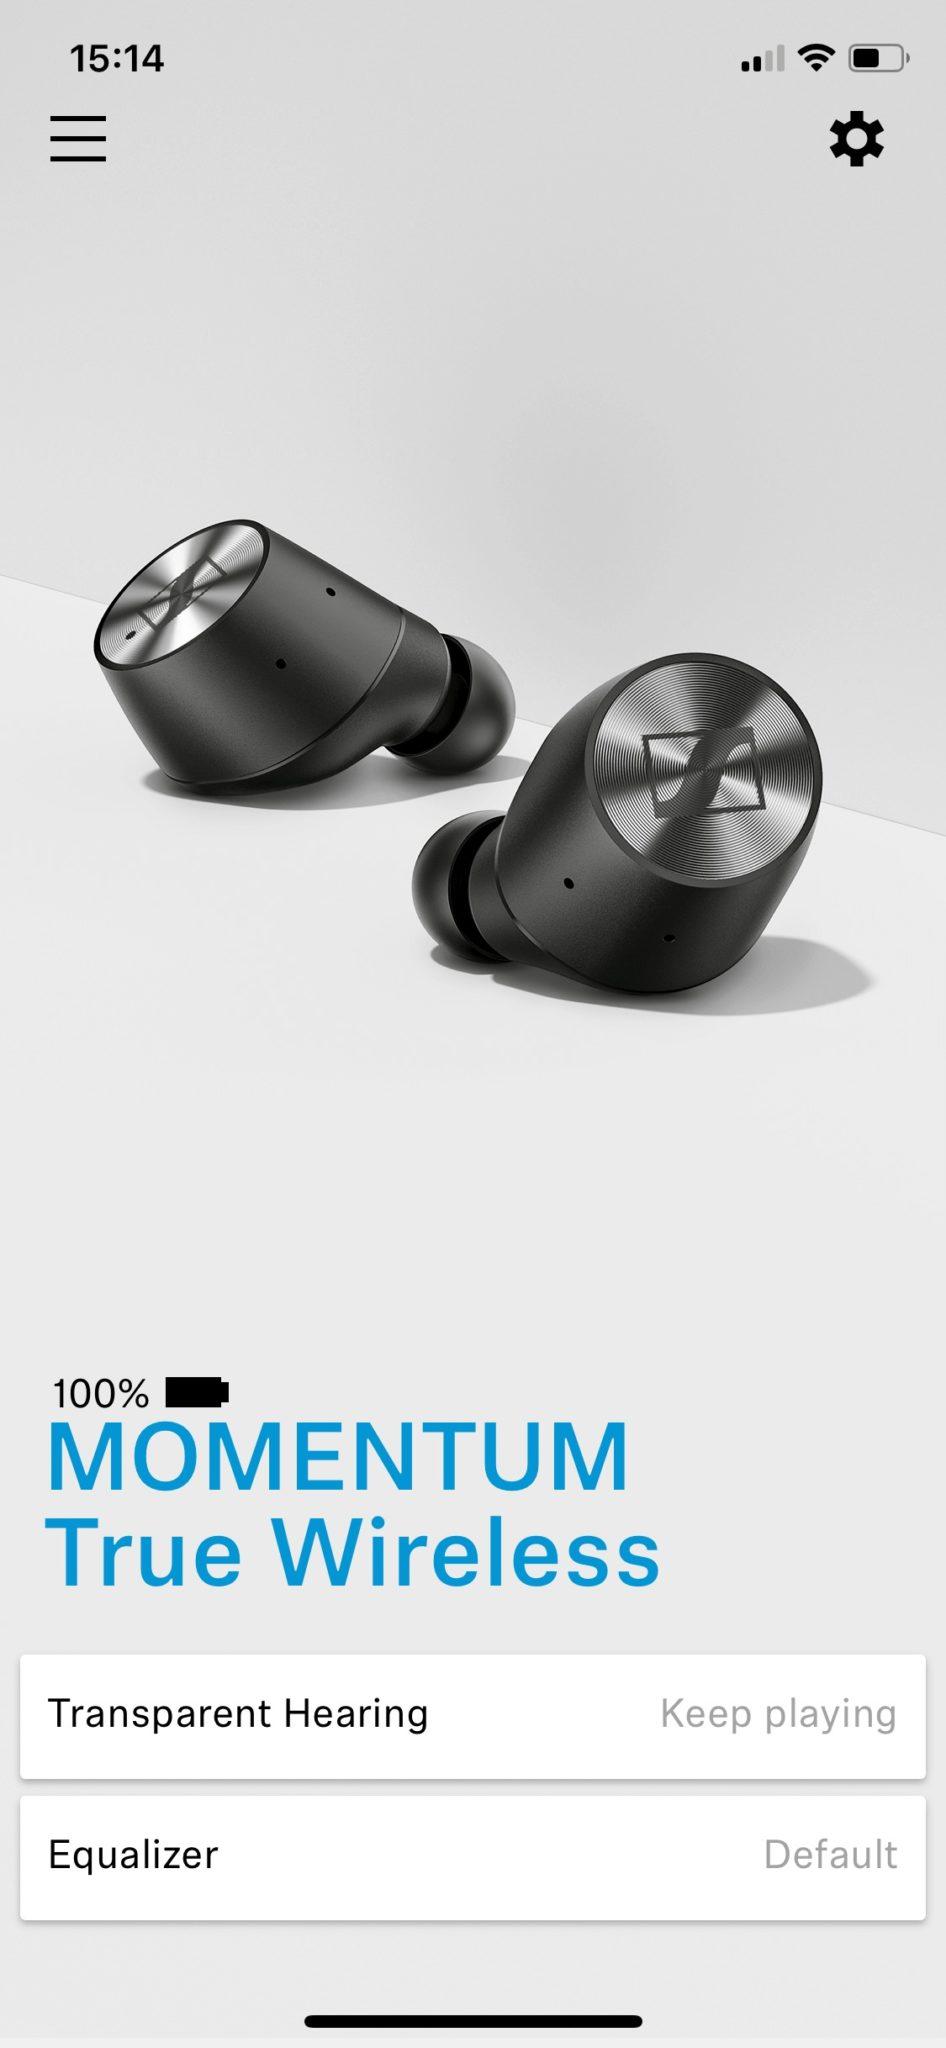 รีวิวหูฟังบลูทูธไร้สายแบบ Sennheiser Momentum True Wireless ดูดีมีคลาสสุดใน 2019 34 - bluetooth